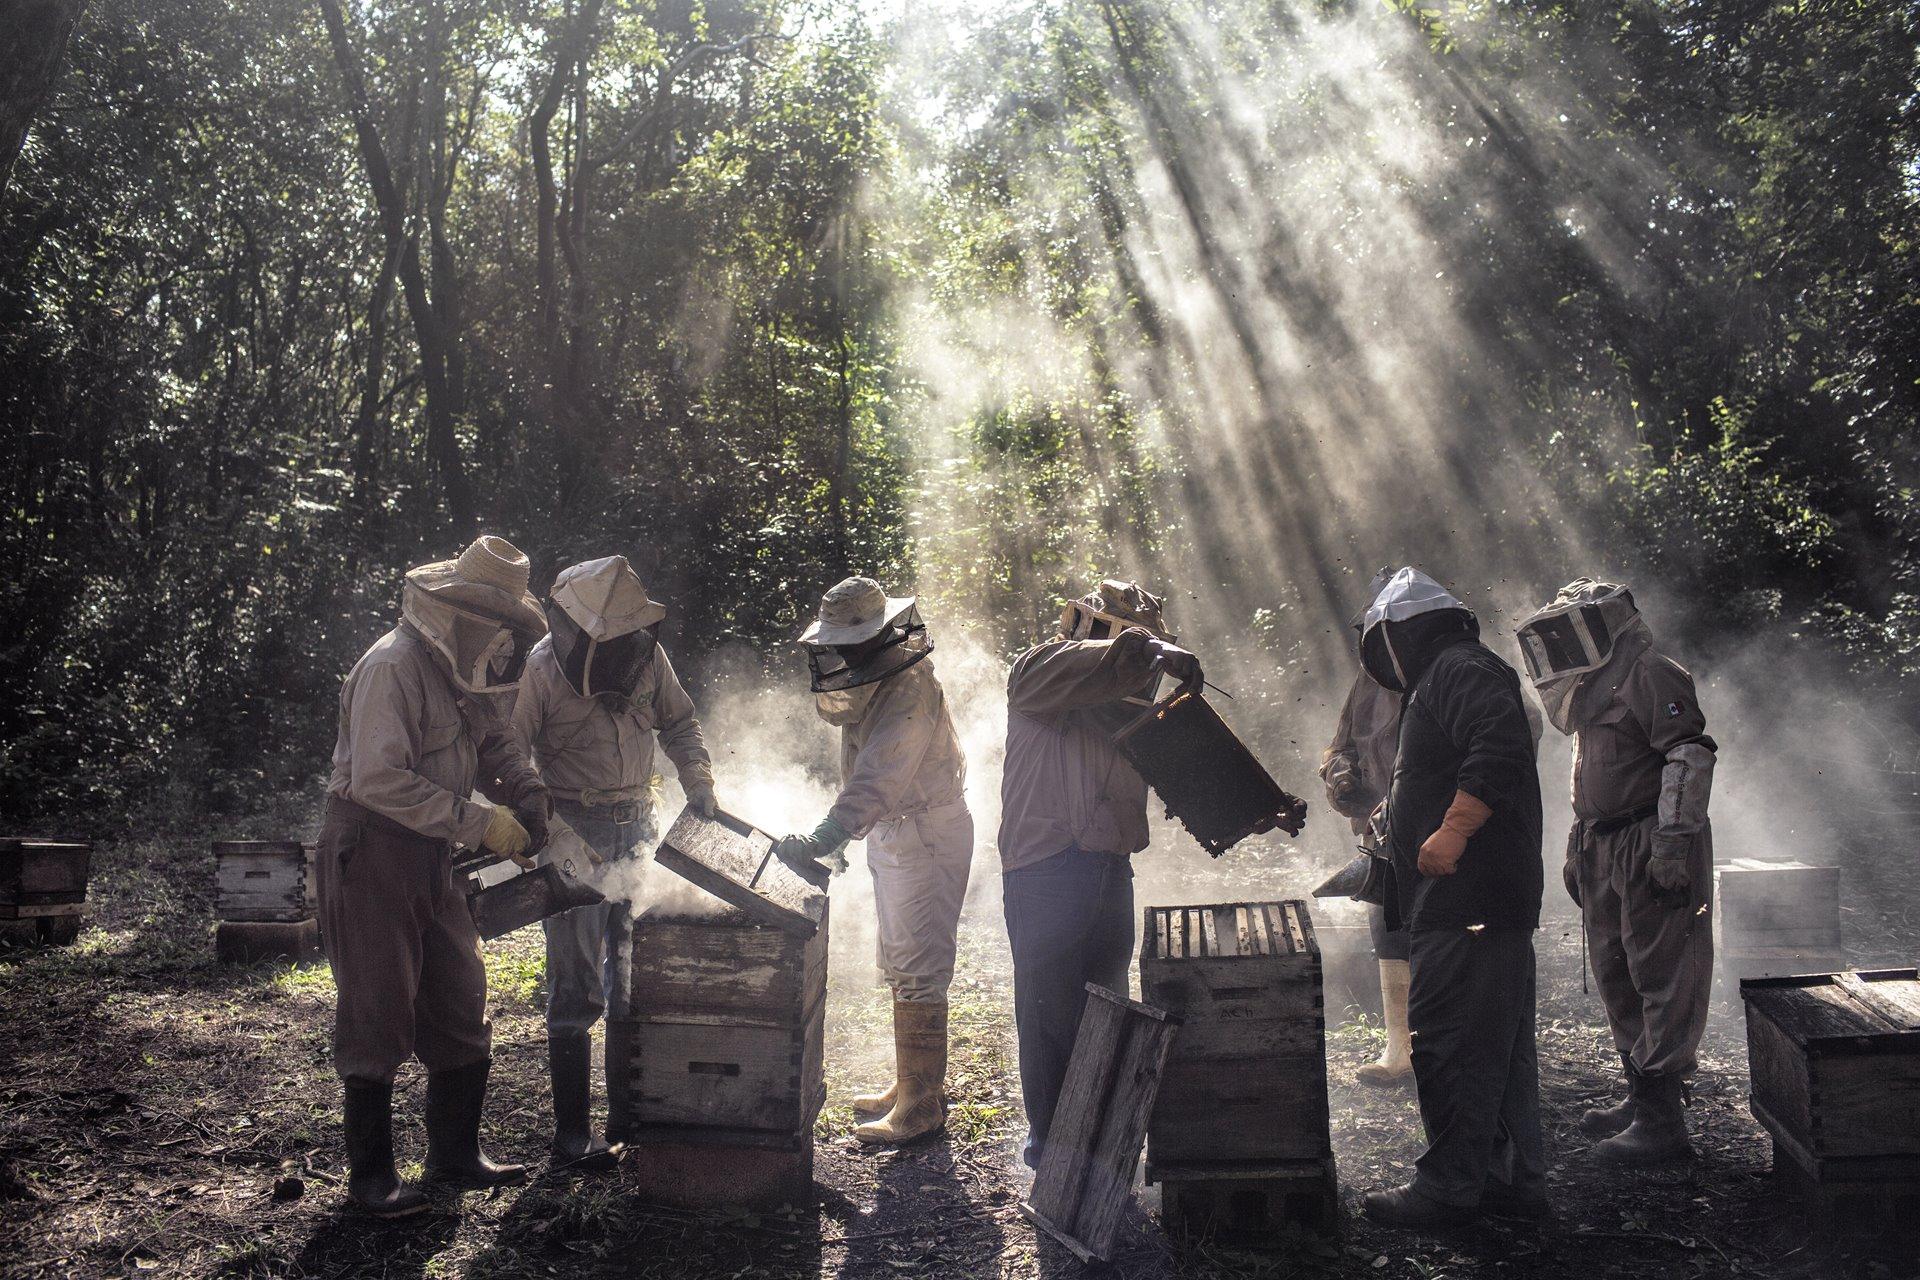 Los agricultores menonitas que cultivan soja en Campeche, en la península de Yucatán en México, supuestamente están afectando negativamente el sustento de los apicultores mayas locales. Los menonitas cultivan grandes extensiones de tierra en el área / Foto: Nadia Shira Cohen